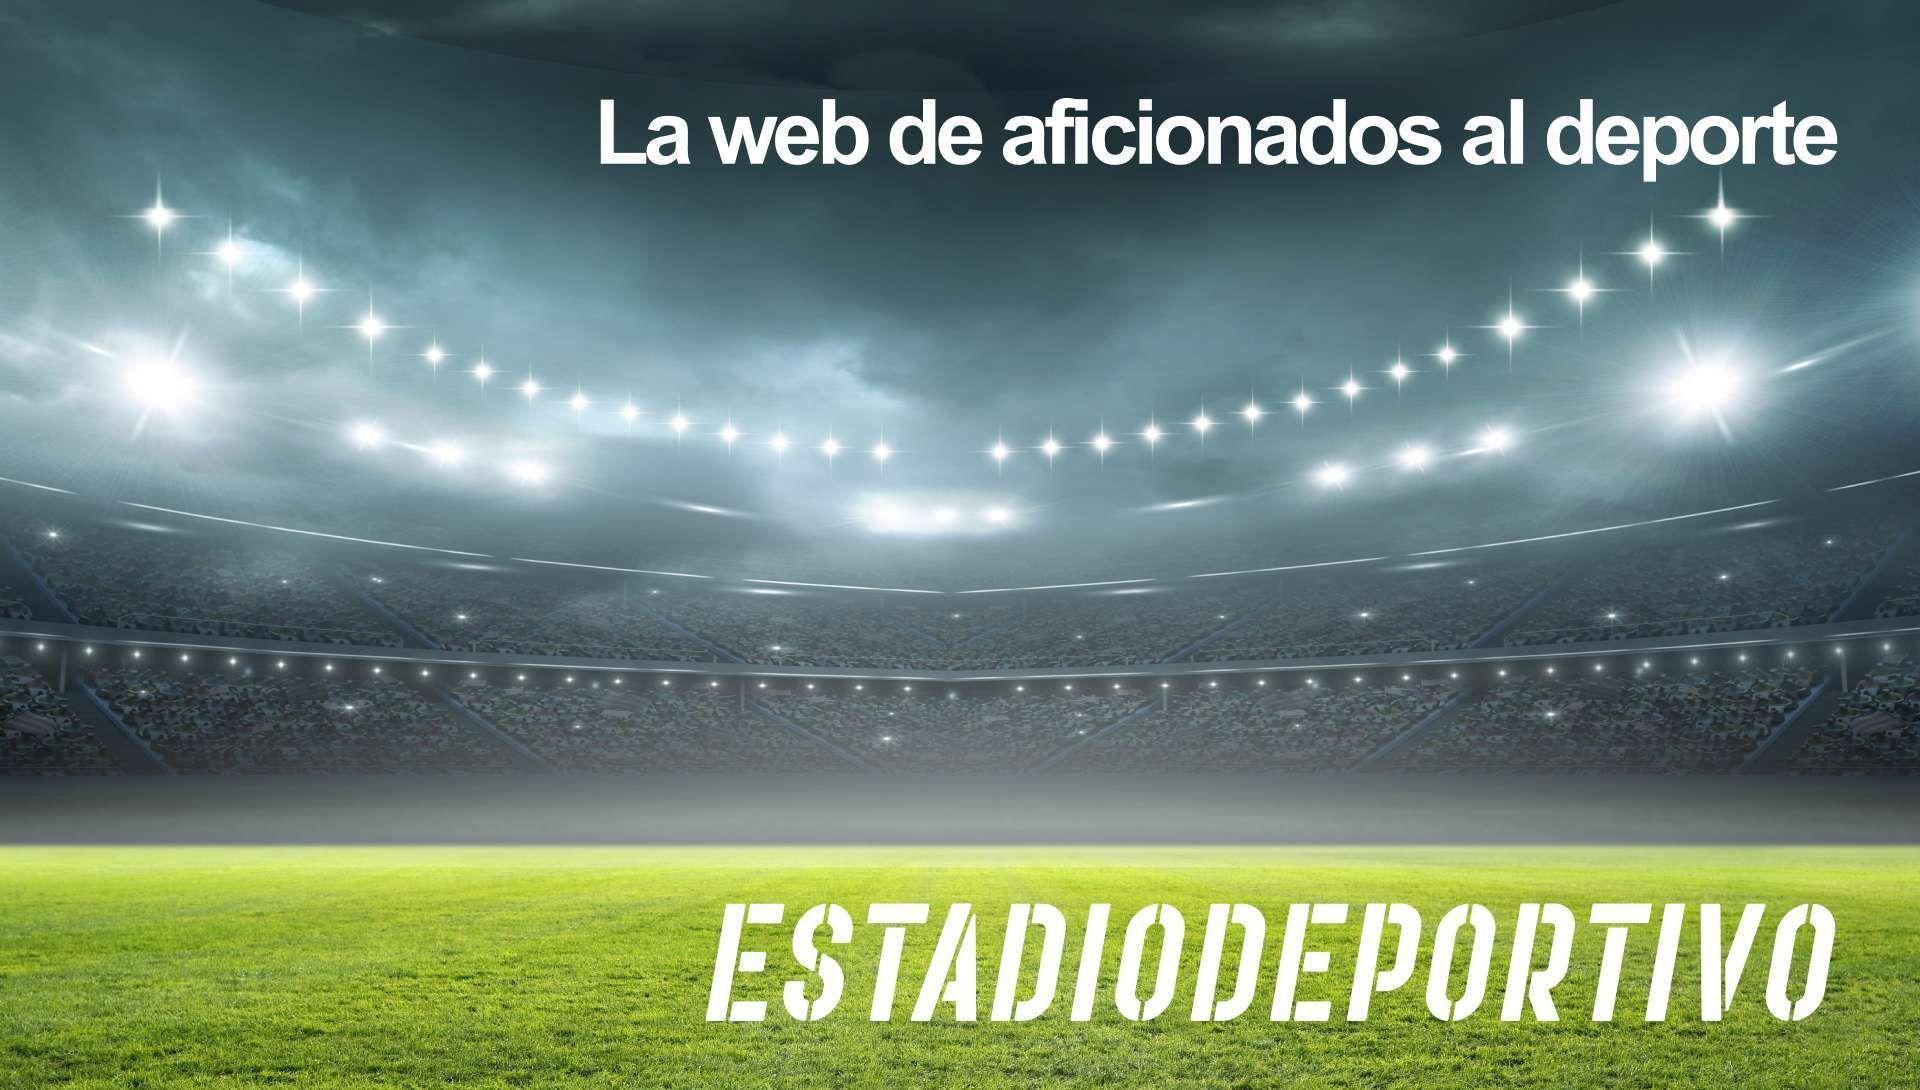 Las imágenes de la prensentación de Emerson